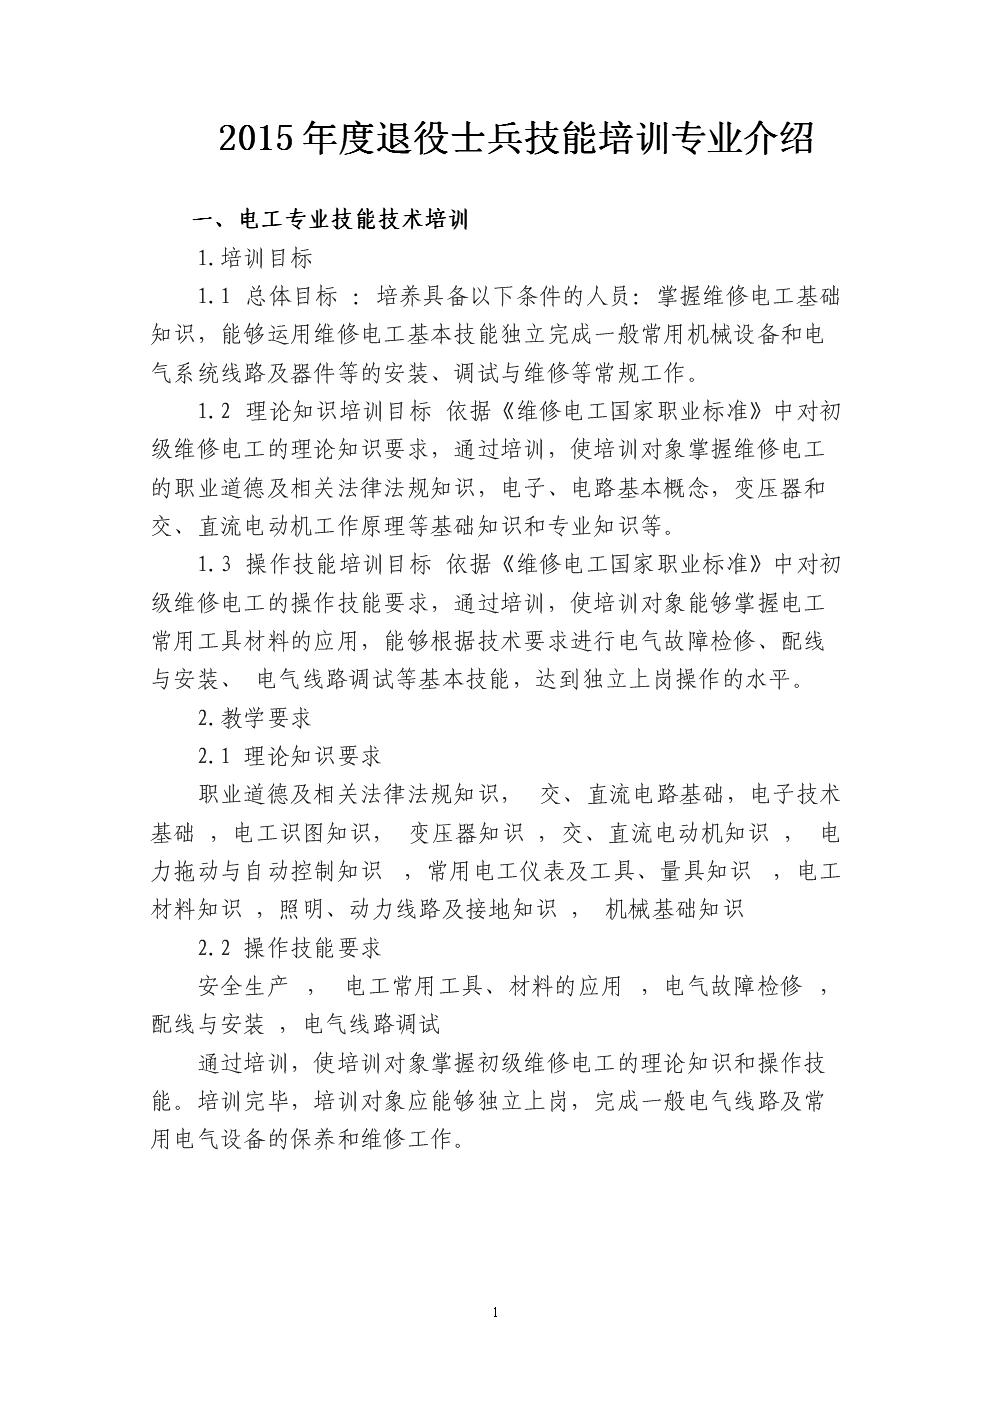 2015年度退役士兵技能培训专业介绍.doc